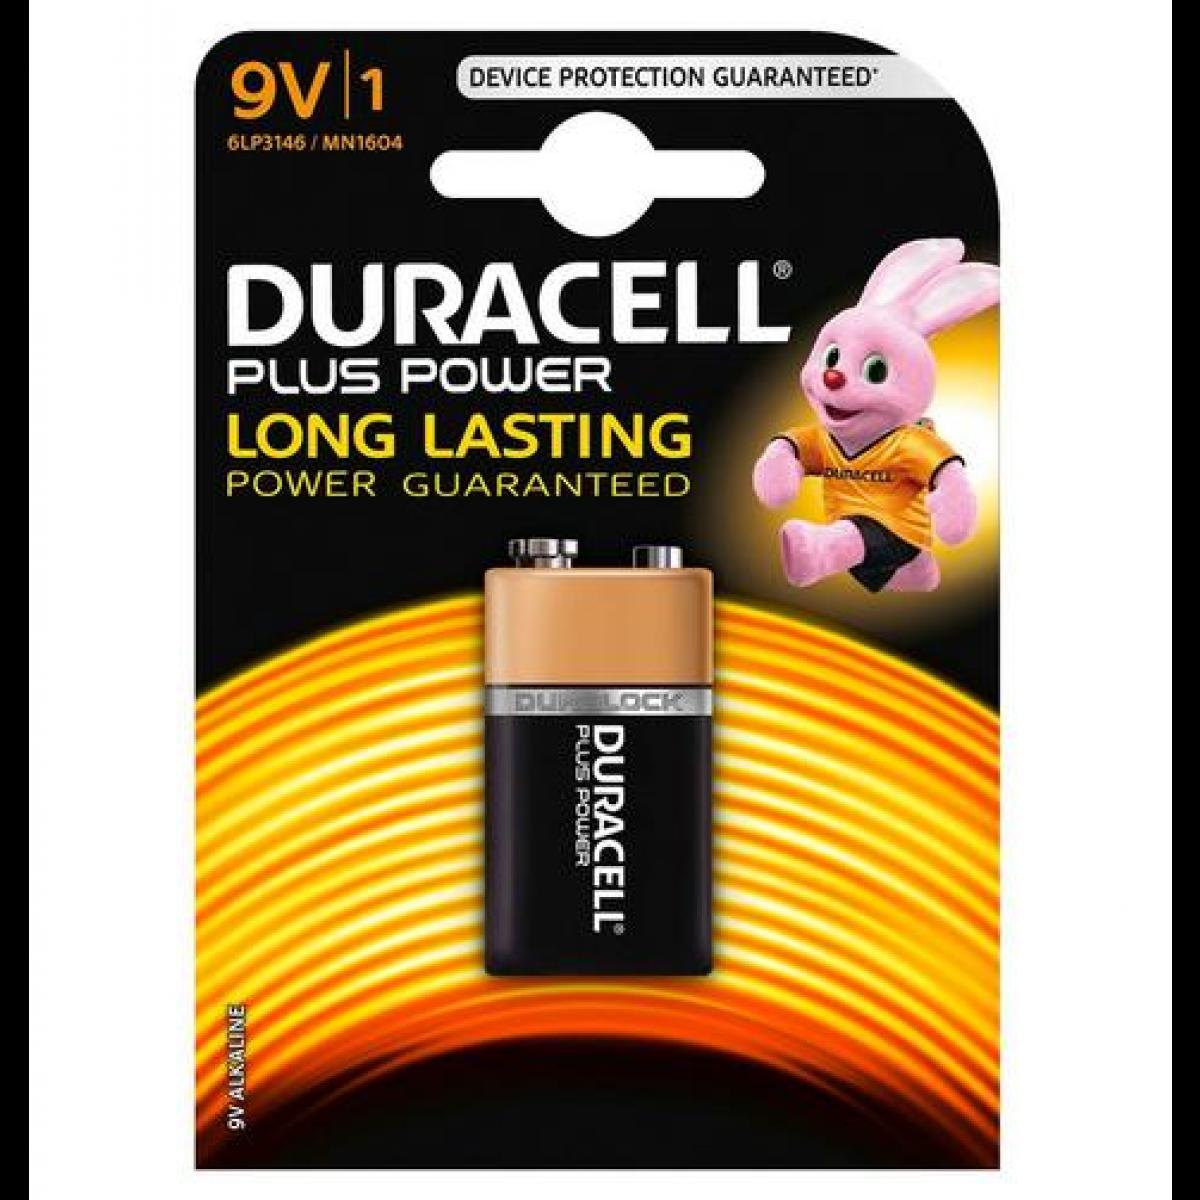 MN1604 Duracell Plus Power 9V BL1